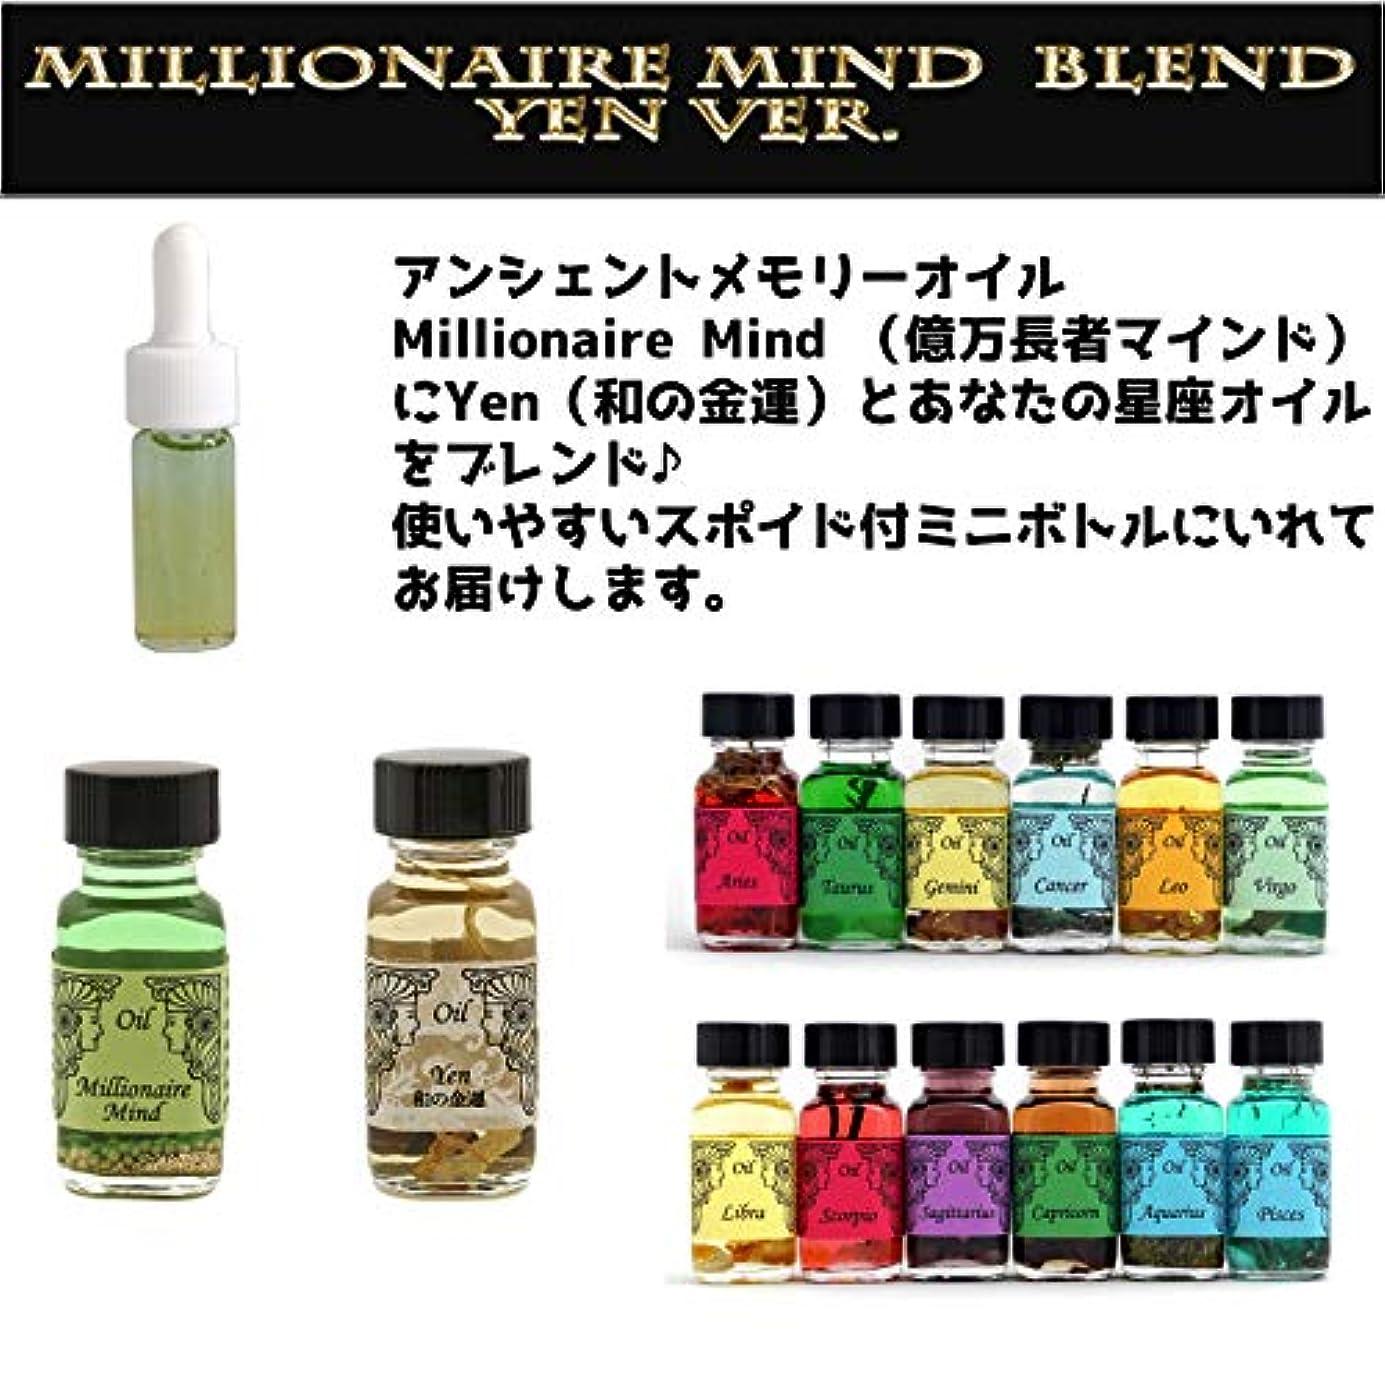 教養がある代替案夜明けアンシェントメモリーオイル Millionaire Mind 億万長者マインド ブレンド【Yen 和の金運&やぎ座】